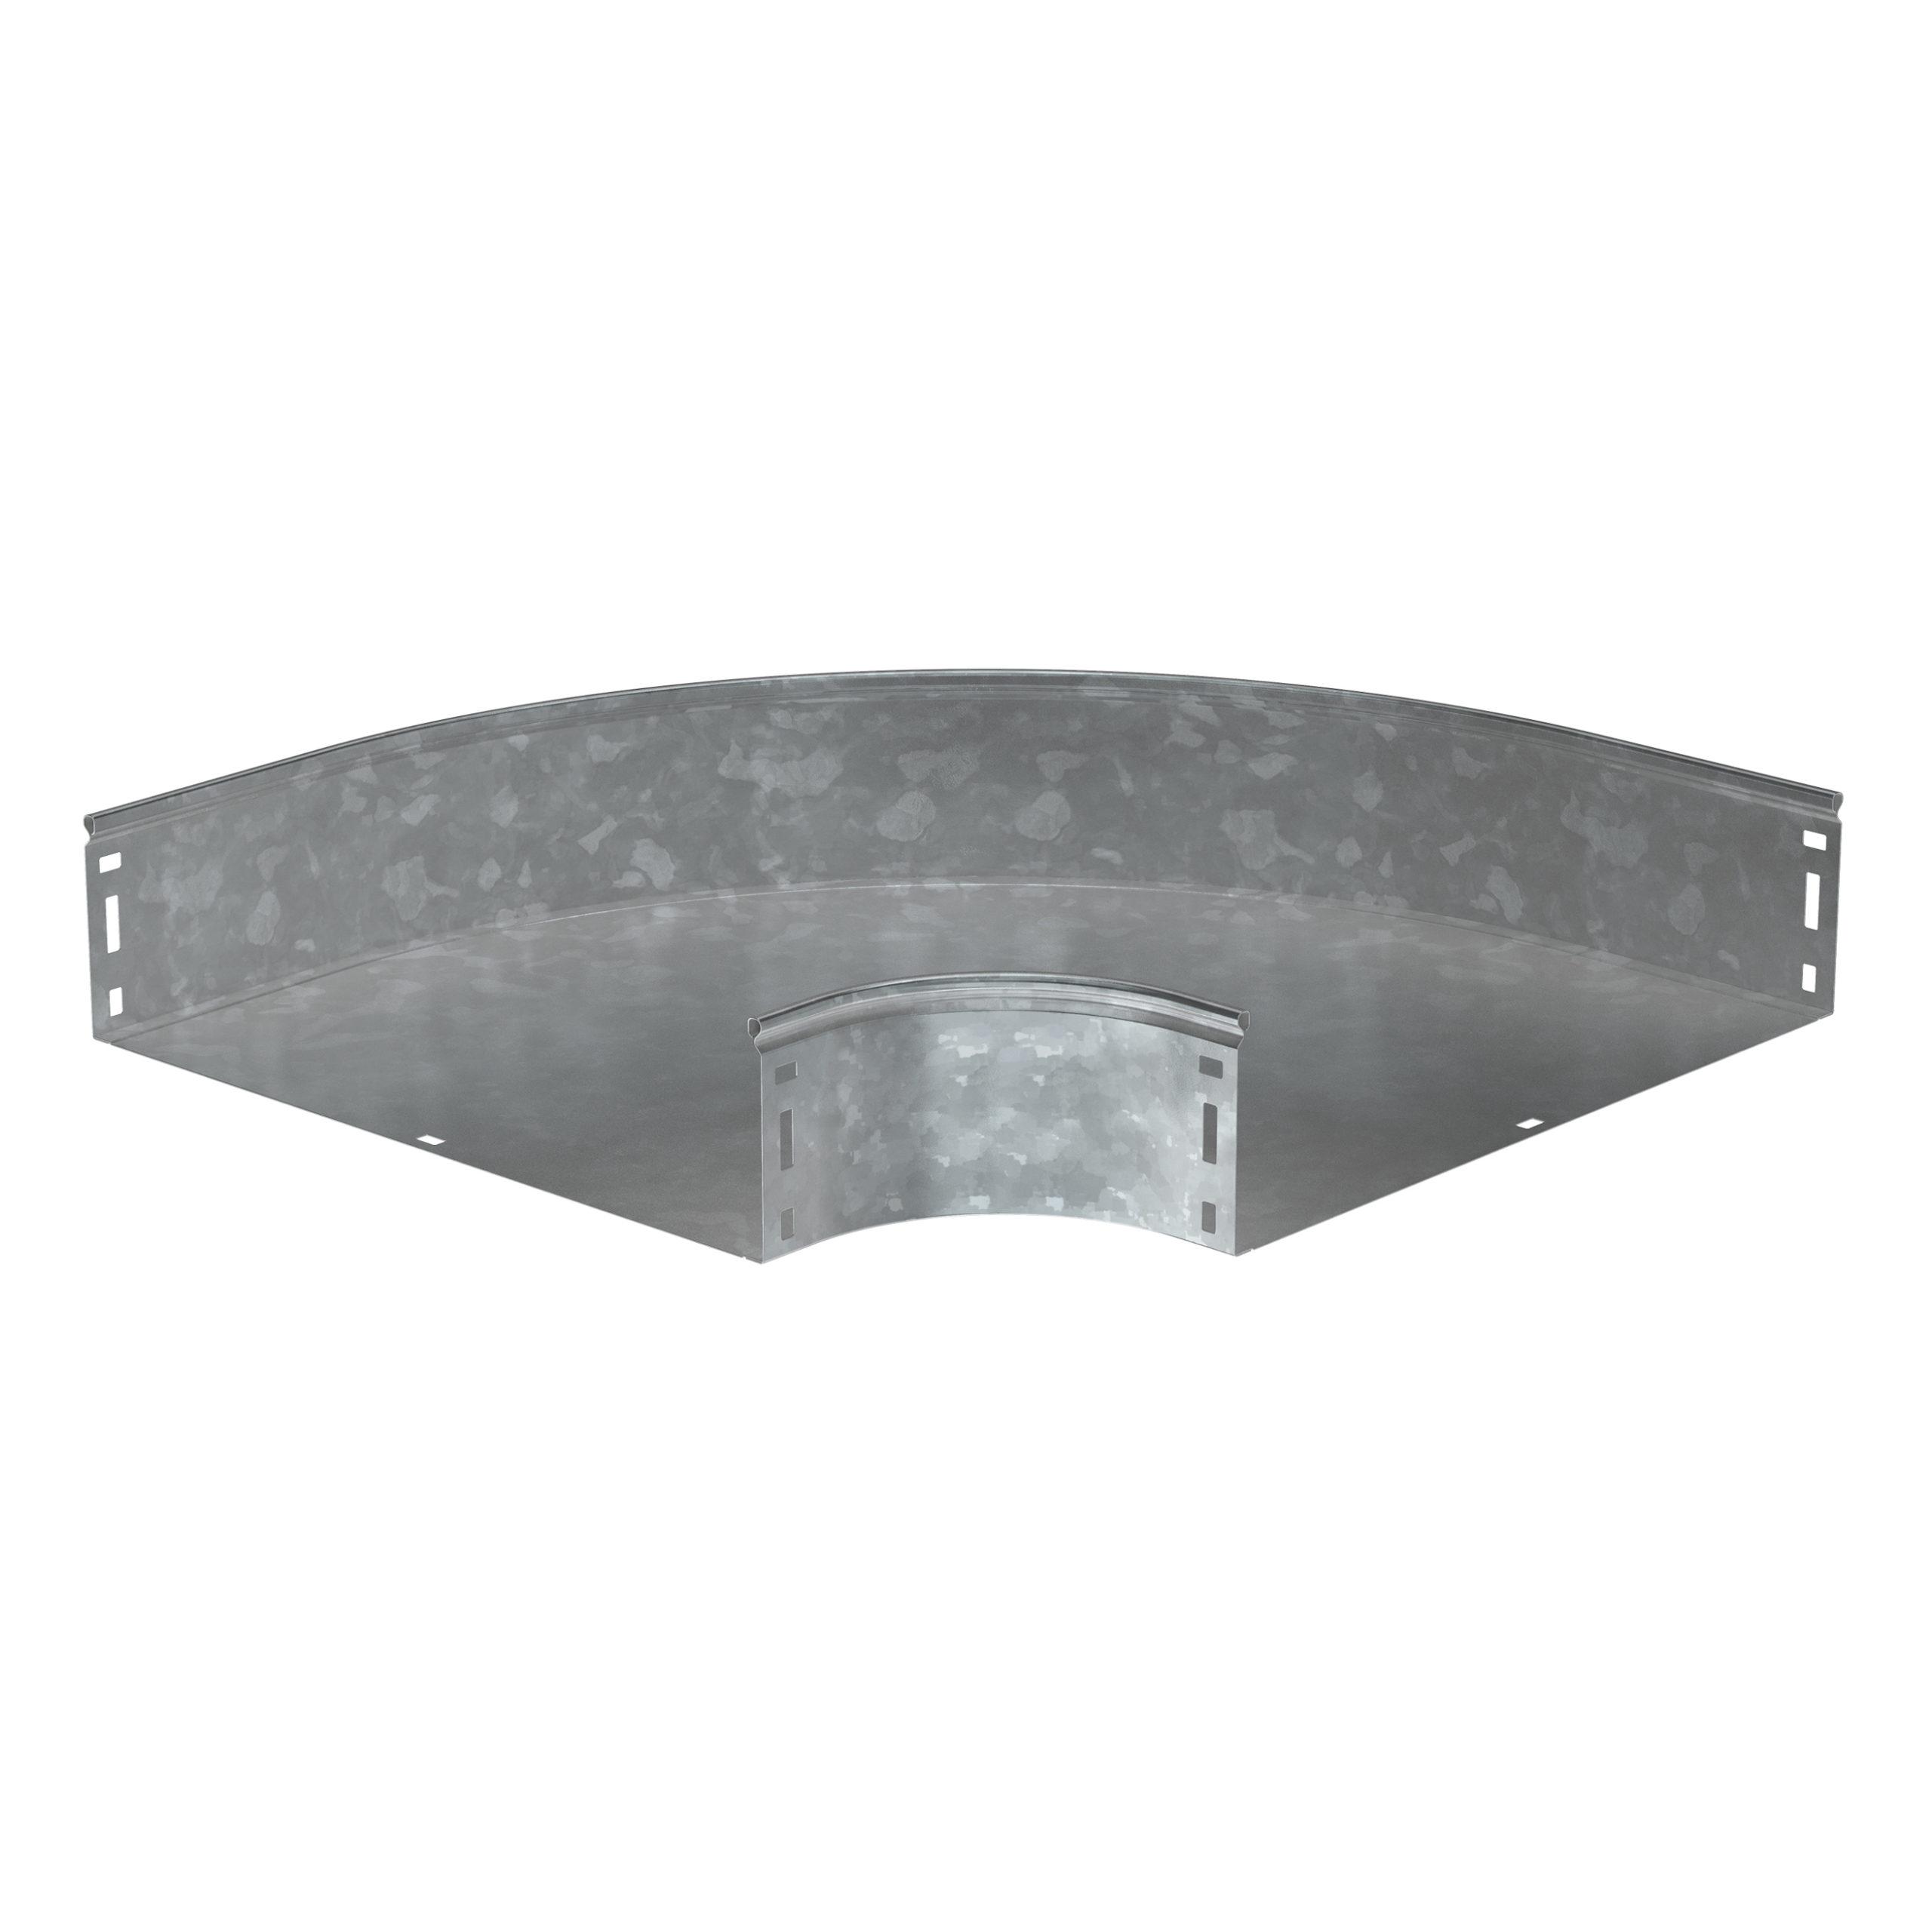 Поворот плавный 90град (тип Г01) ESCA 100х600мм HDZ IEK 1